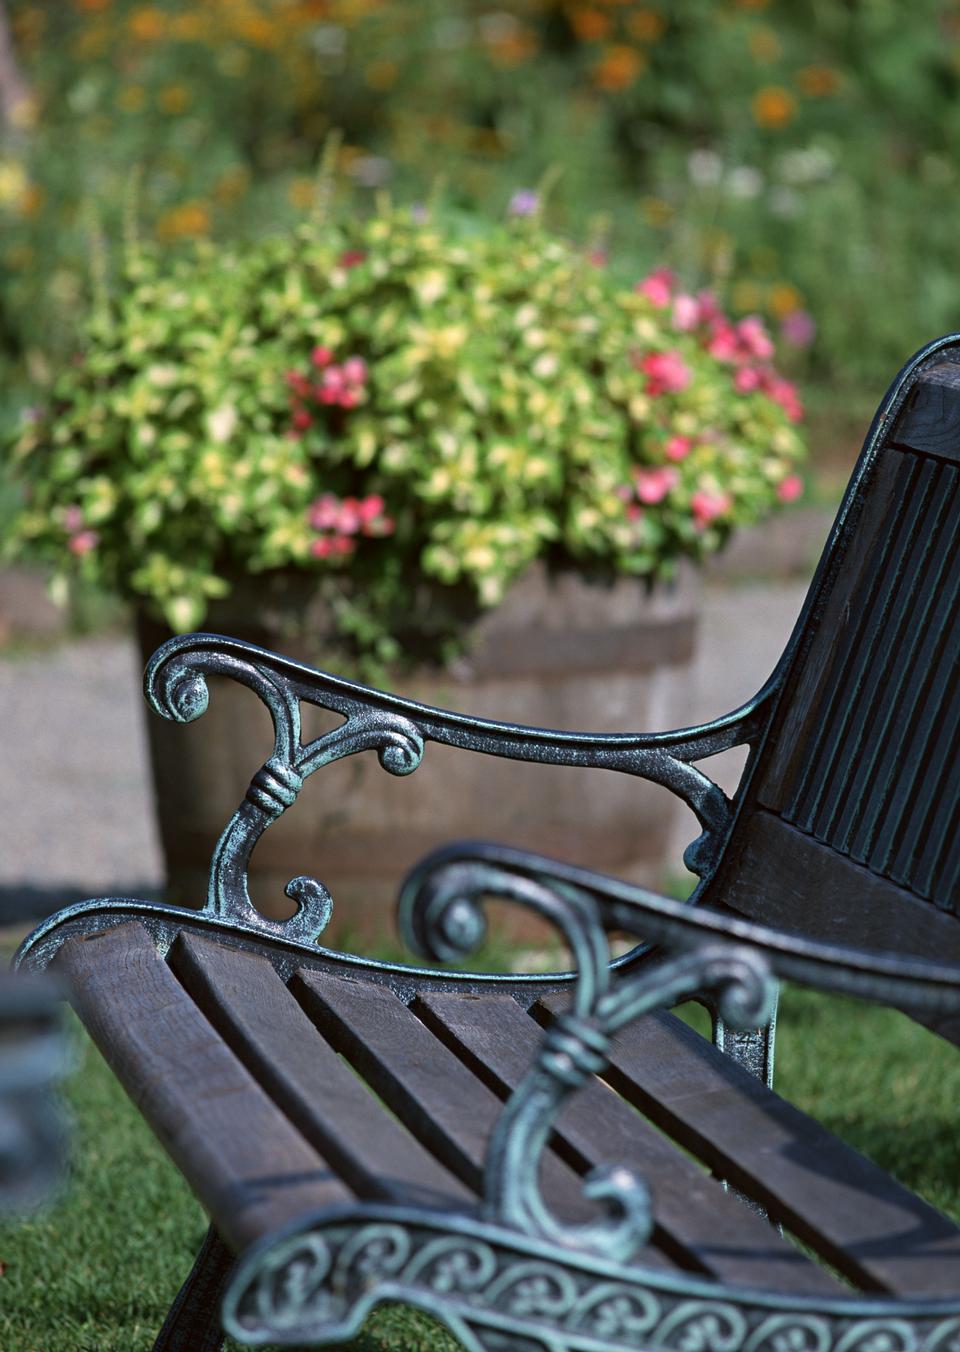 Bench near flower pot